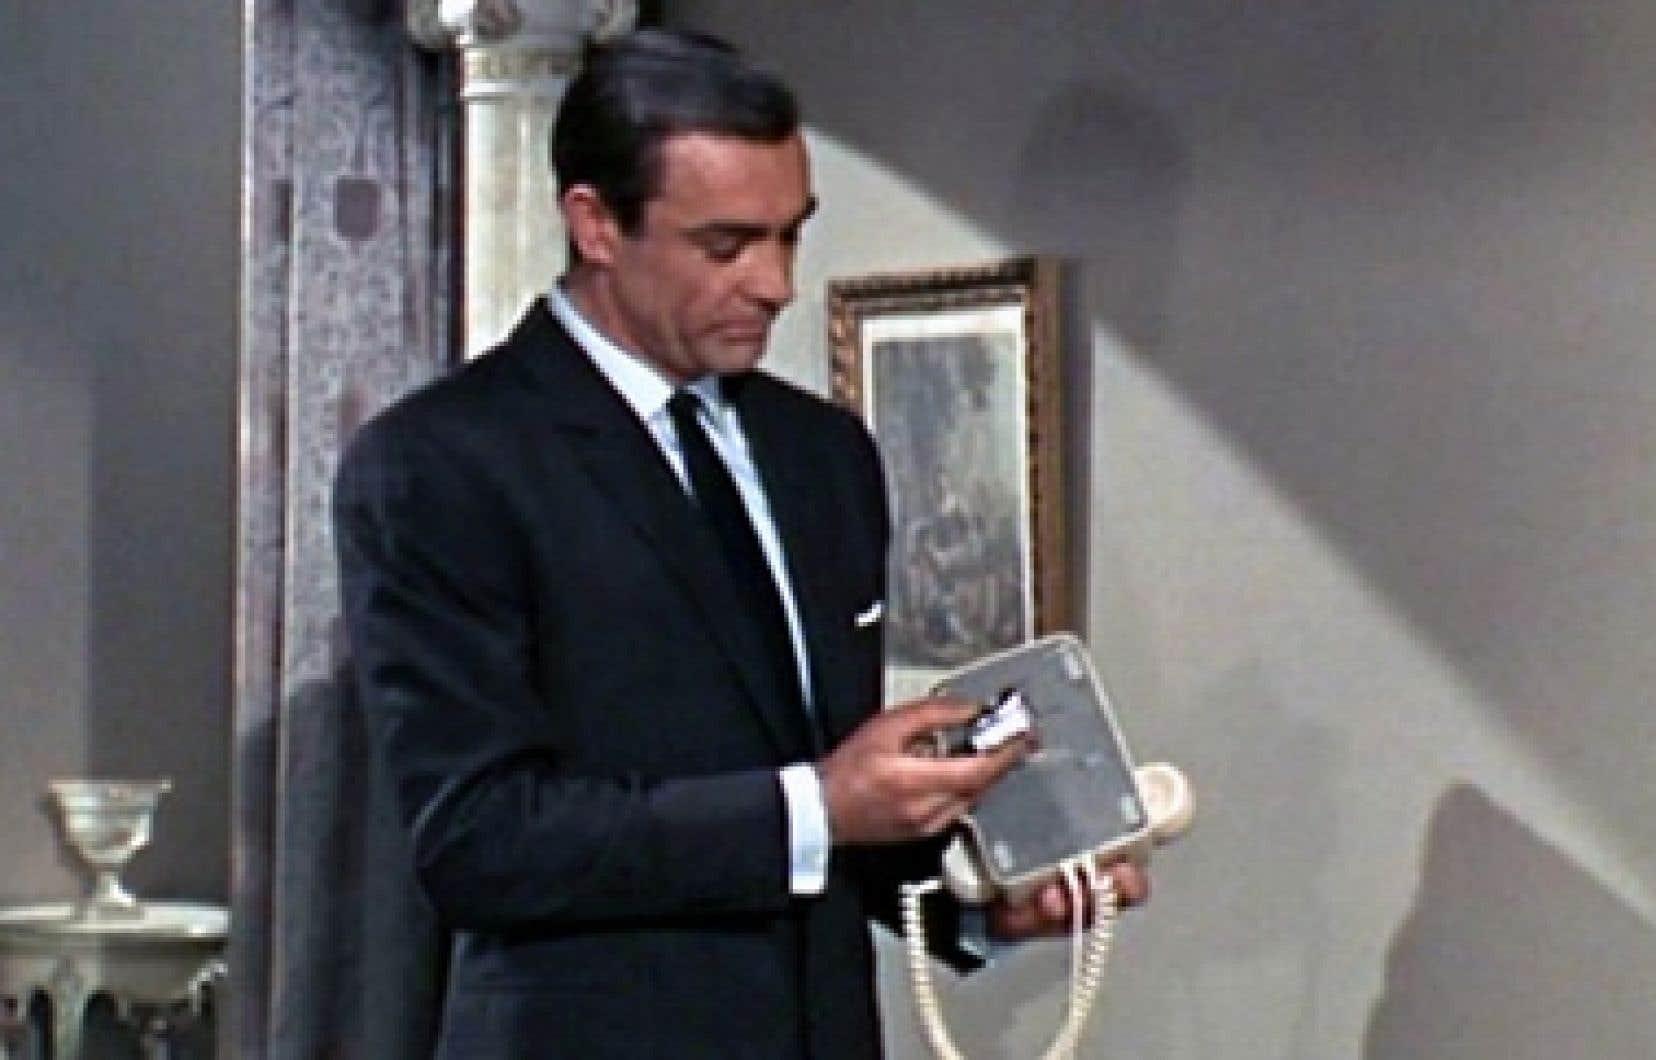 Les agents secrets ont toujours eu une fascination pour les téléphones. Ici, Sean Connery dans le rôle de James Bond.